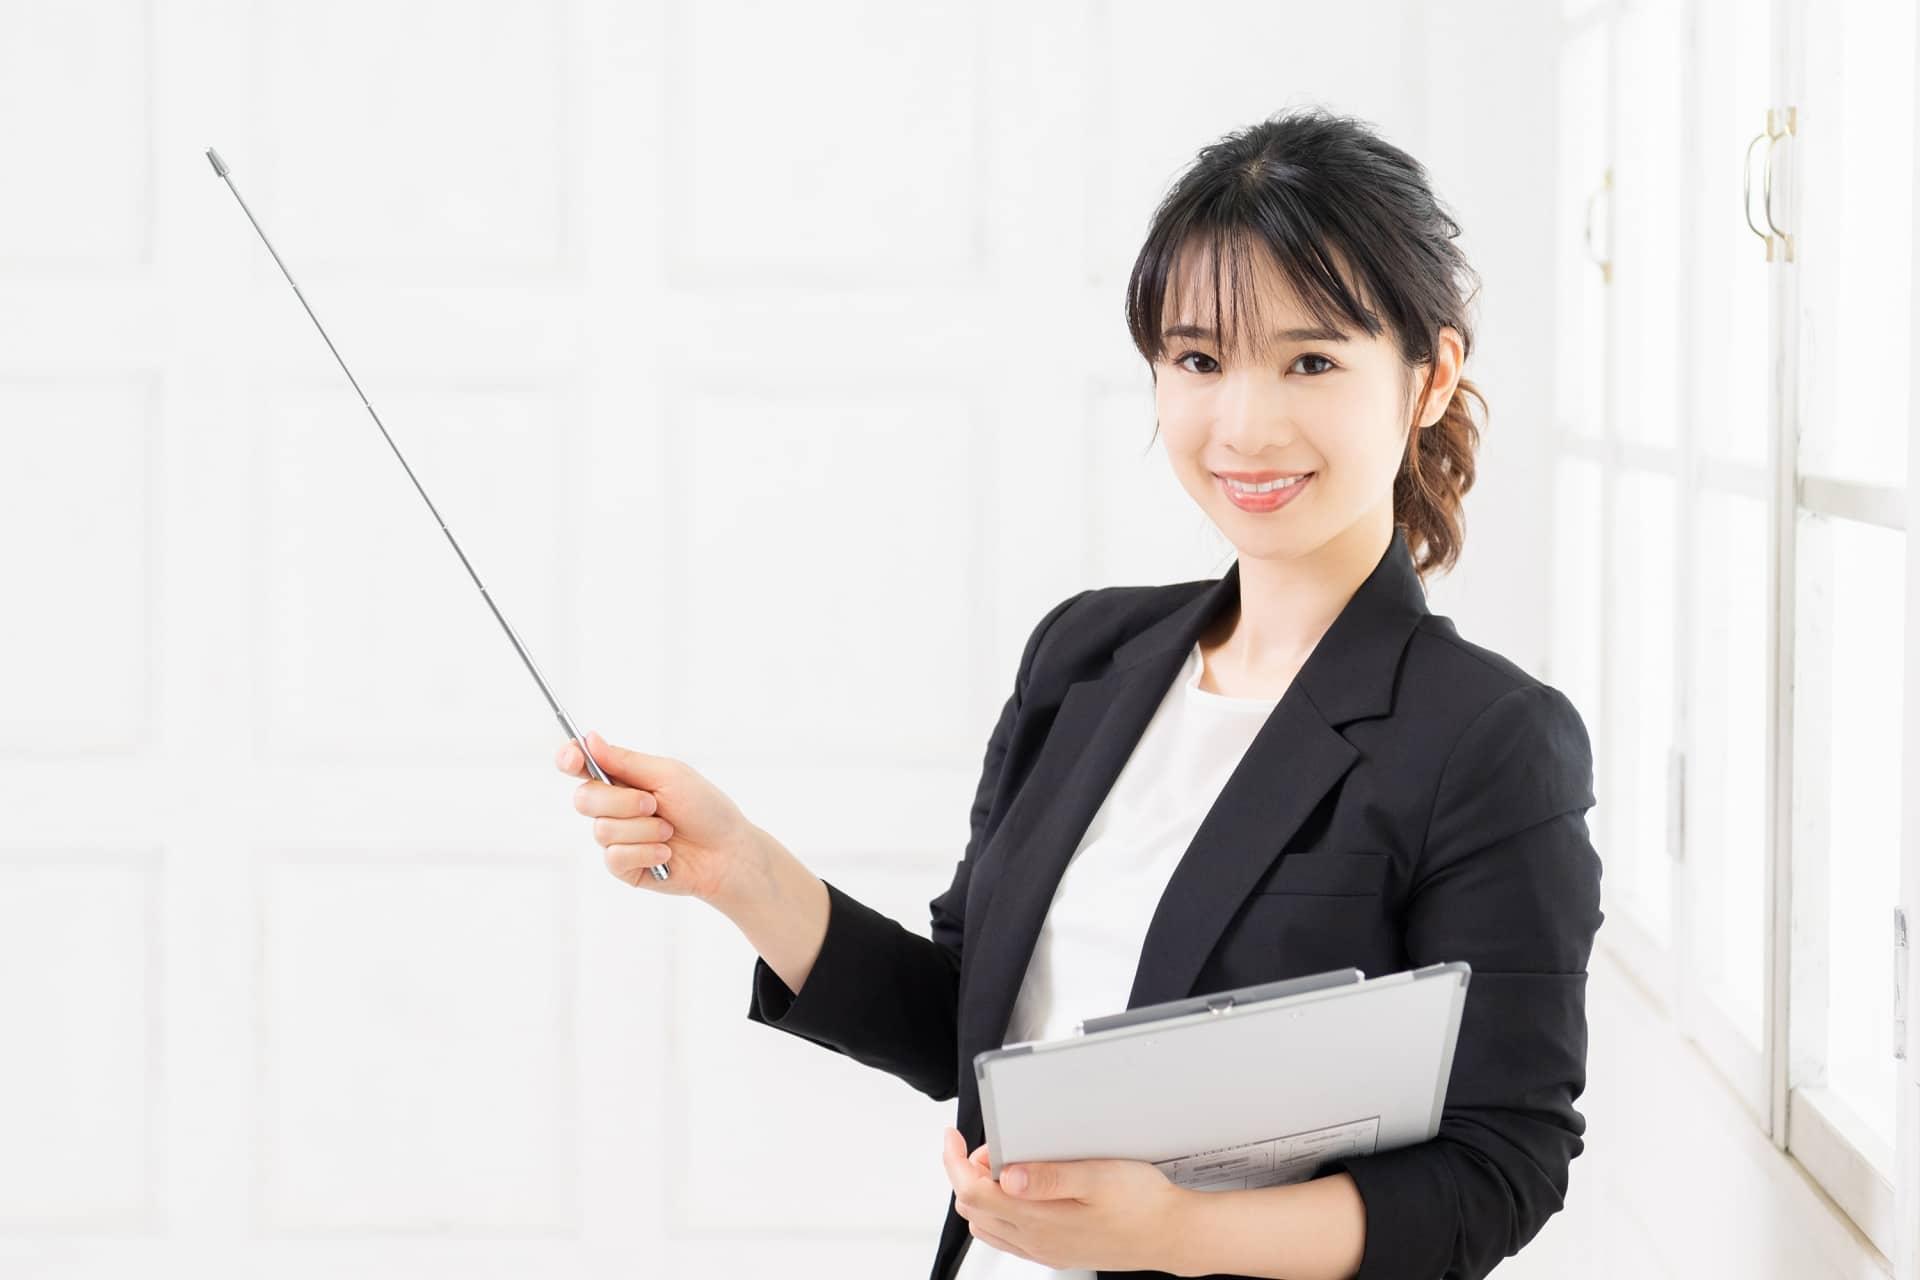 指示棒を持つ女性